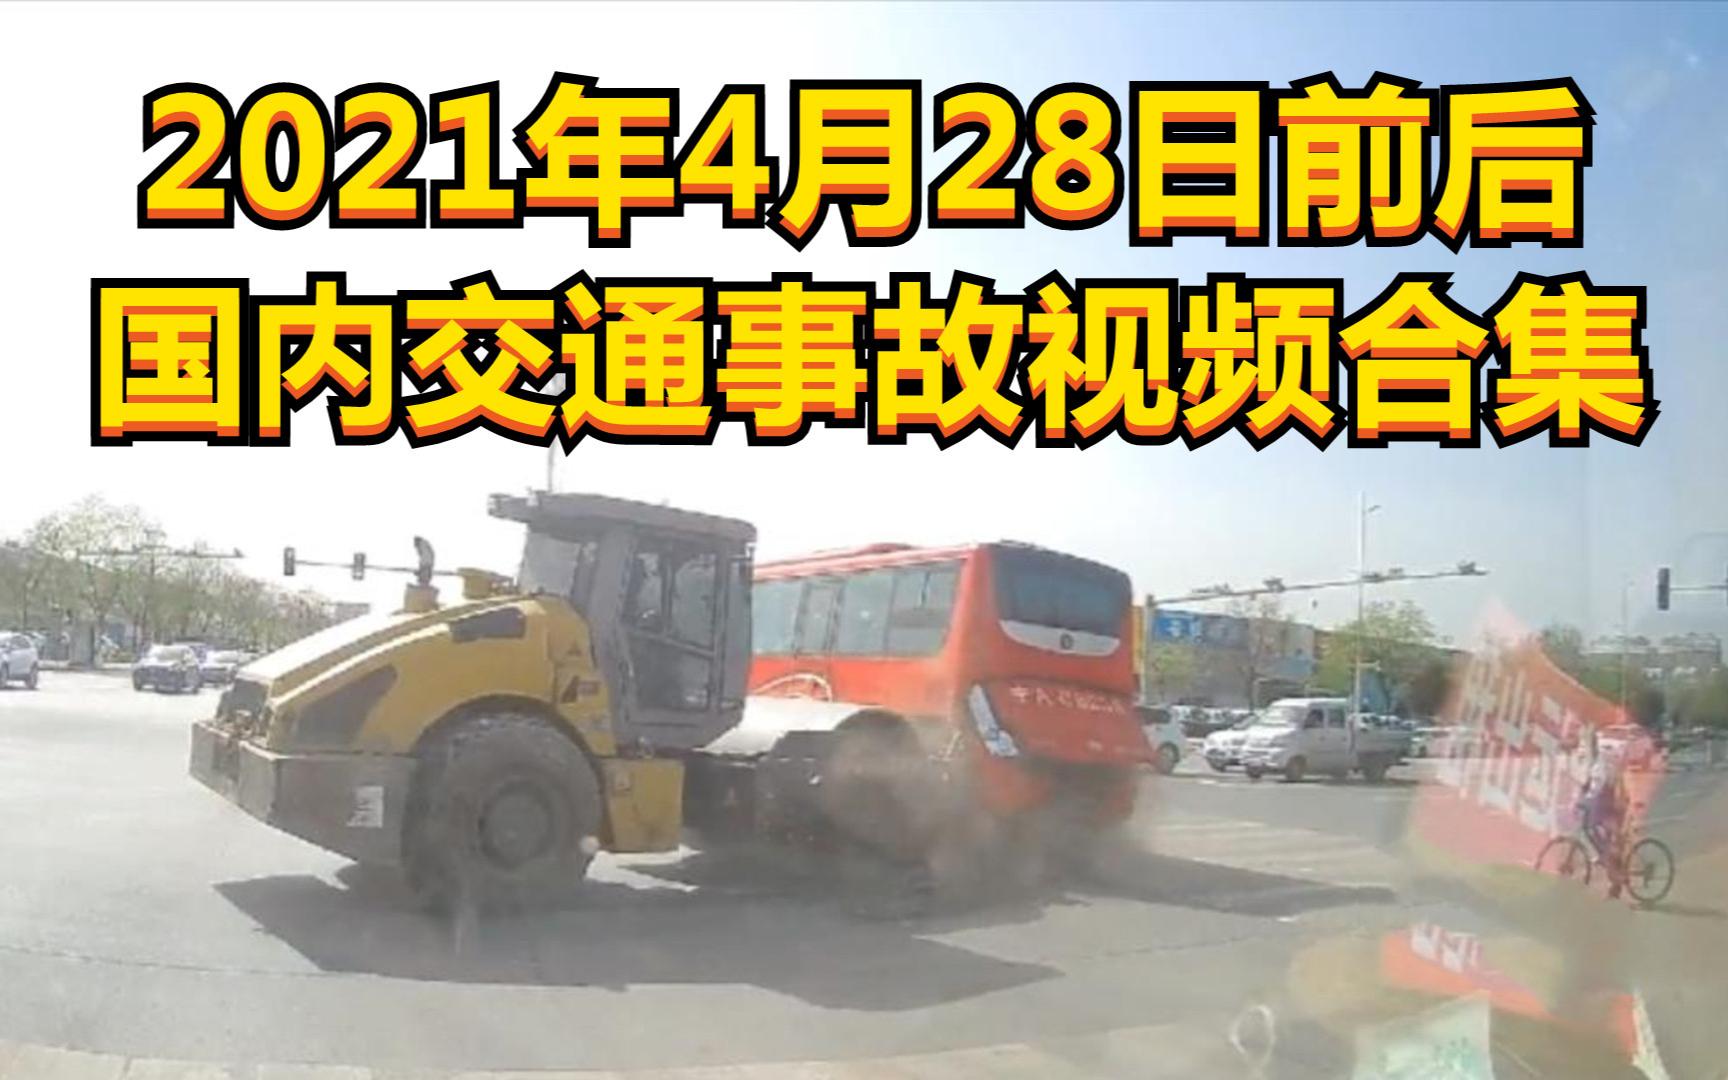 2021年4月28日前后国内交通事故视频合集